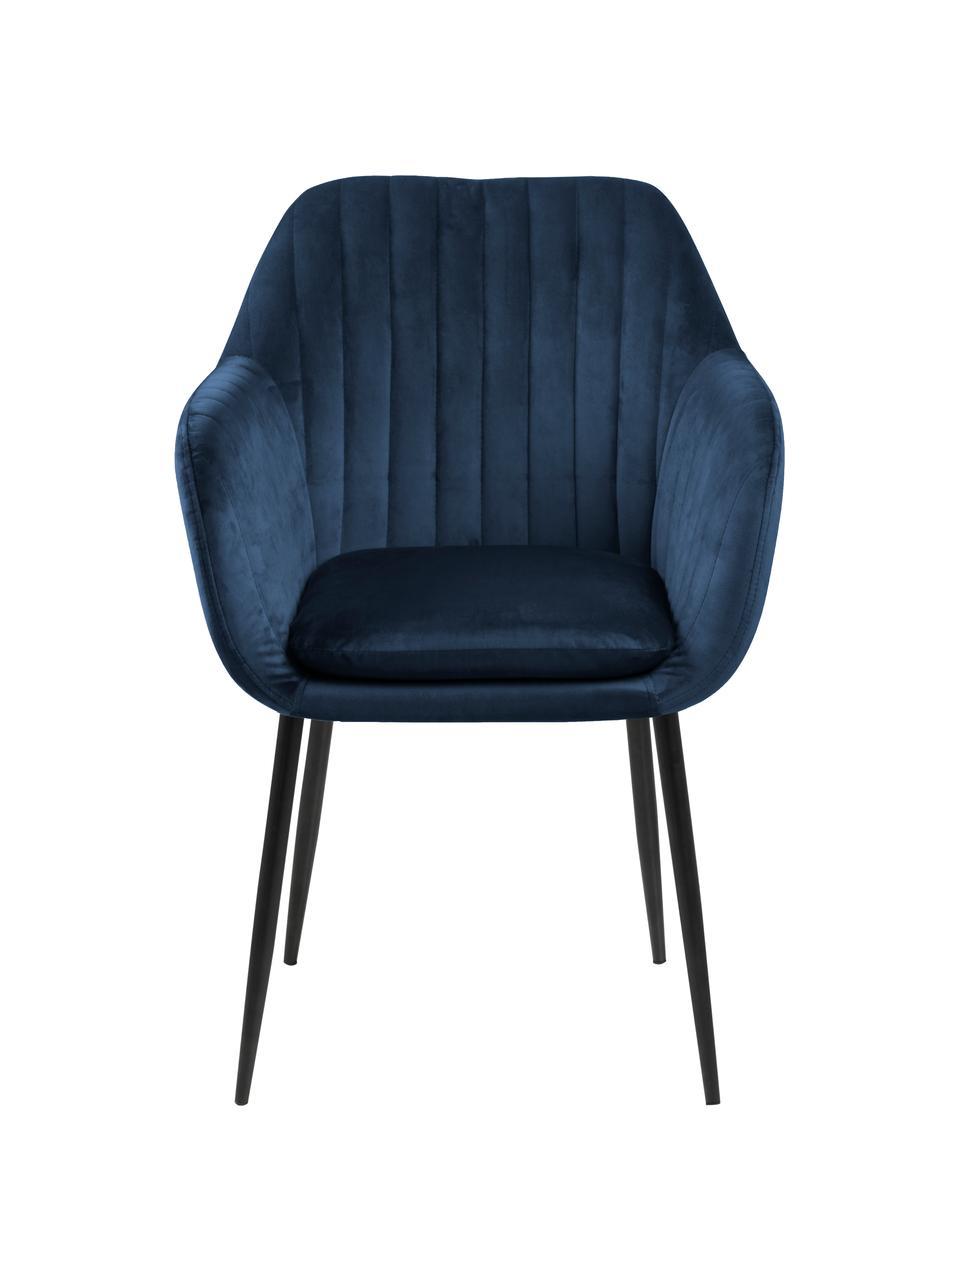 Samt-Armlehnstuhl Emilia in Blau mit Metallbeinen, Bezug: Polyestersamt Der hochwer, Beine: Metall, lackiert, Samt Dunkelblau, Beine Schwarz, B 57 x T 59 cm